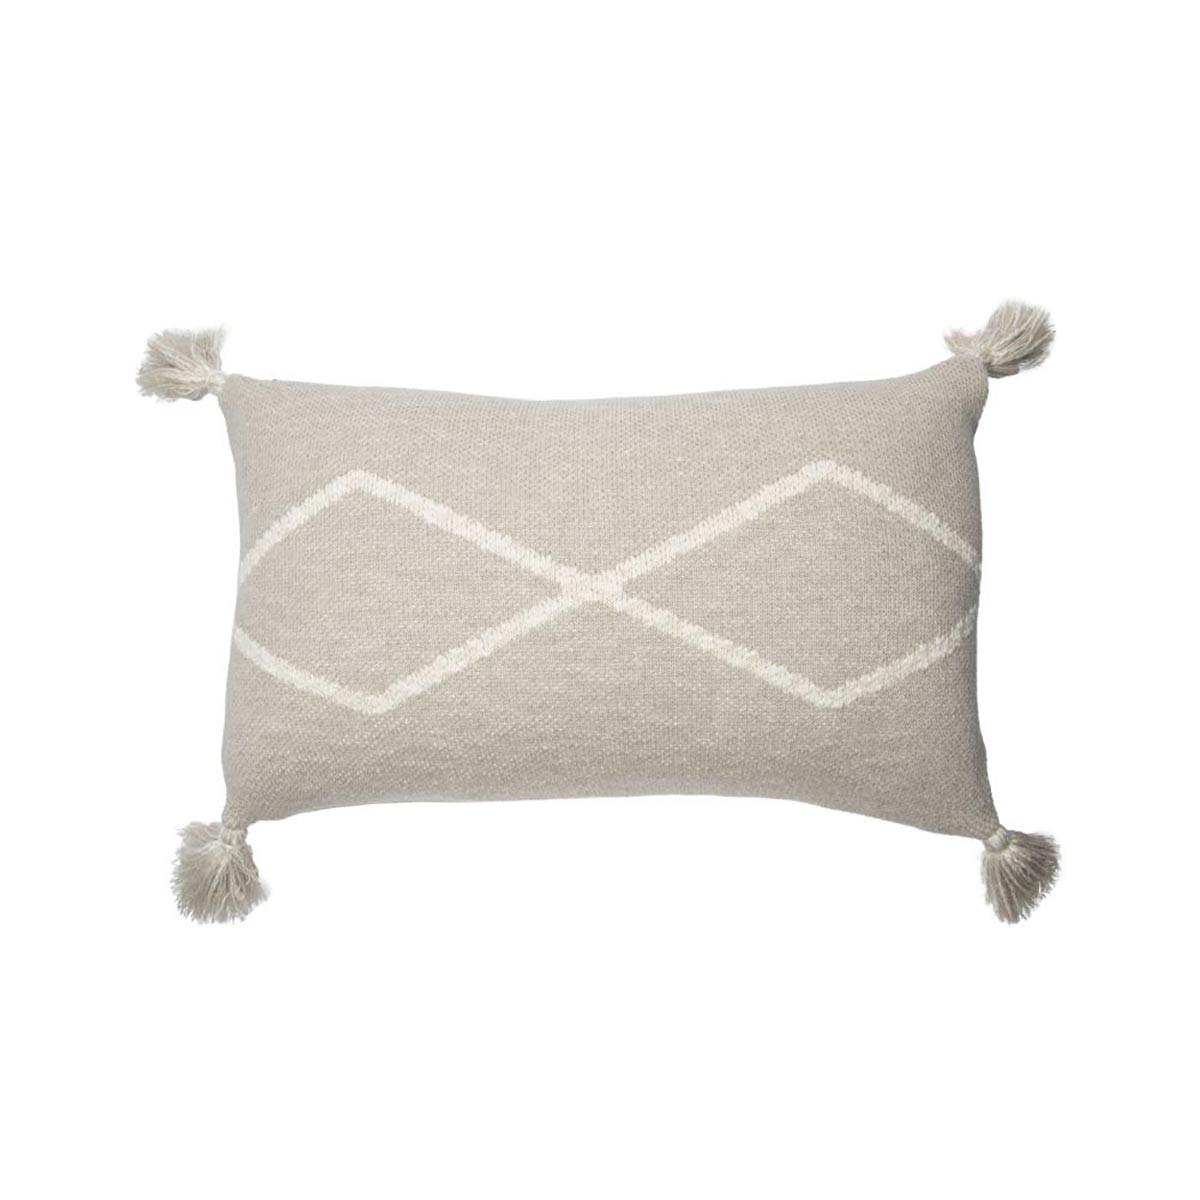 Διακοσμητικό Μαξιλάρι (30×48) Lorena Canals Little Oasis Soft Linen